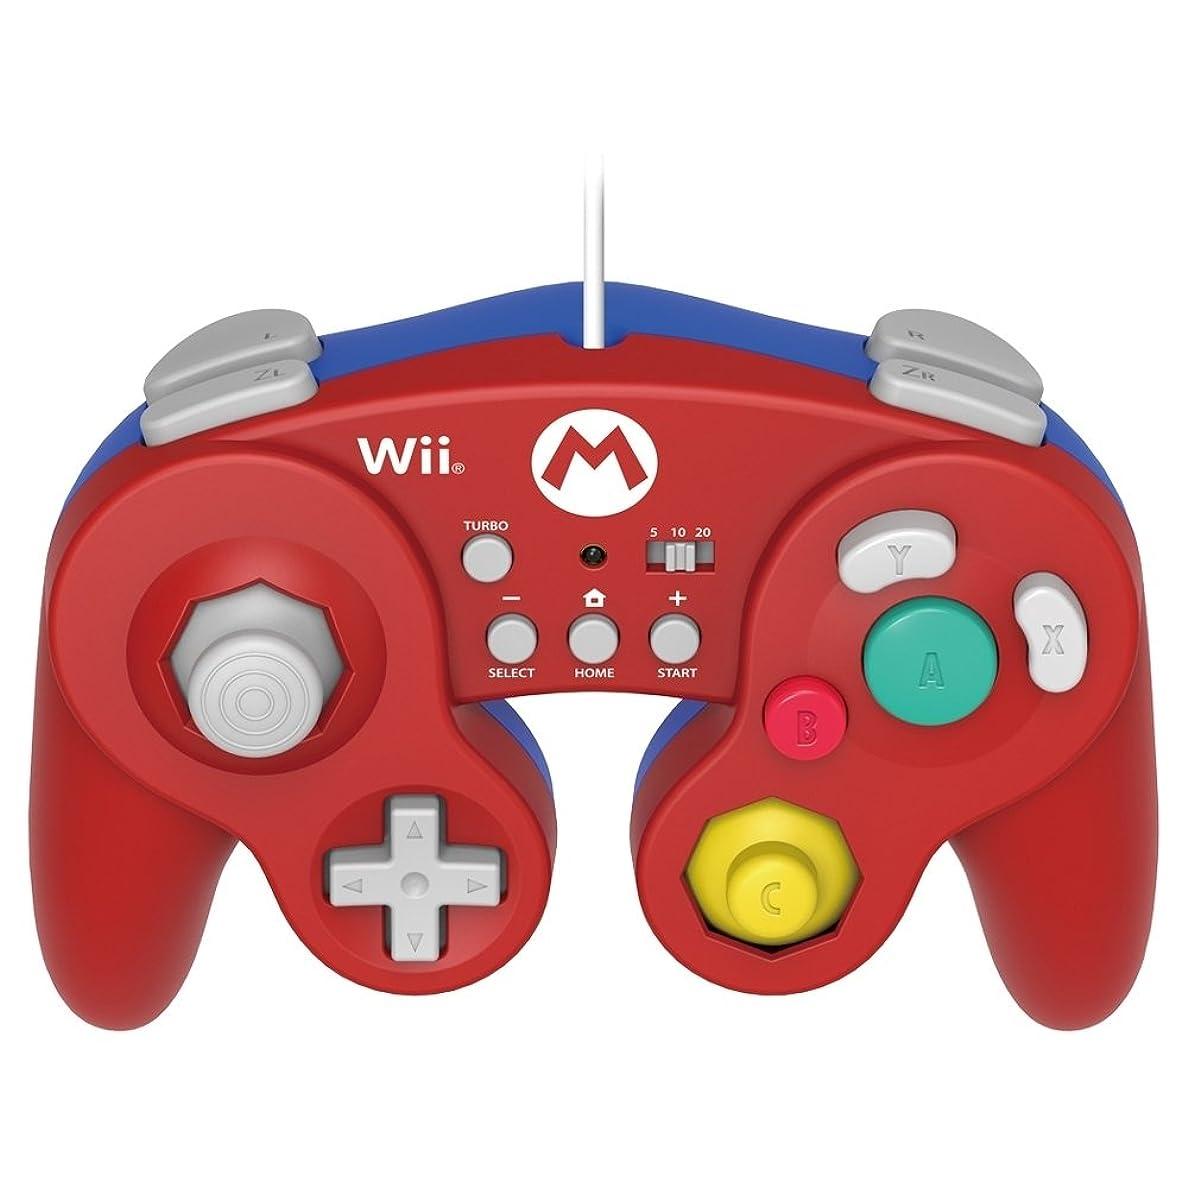 役職ニックネーム警察署【Wii U/Wii対応】ホリ クラシックコントローラー for Wii U マリオ